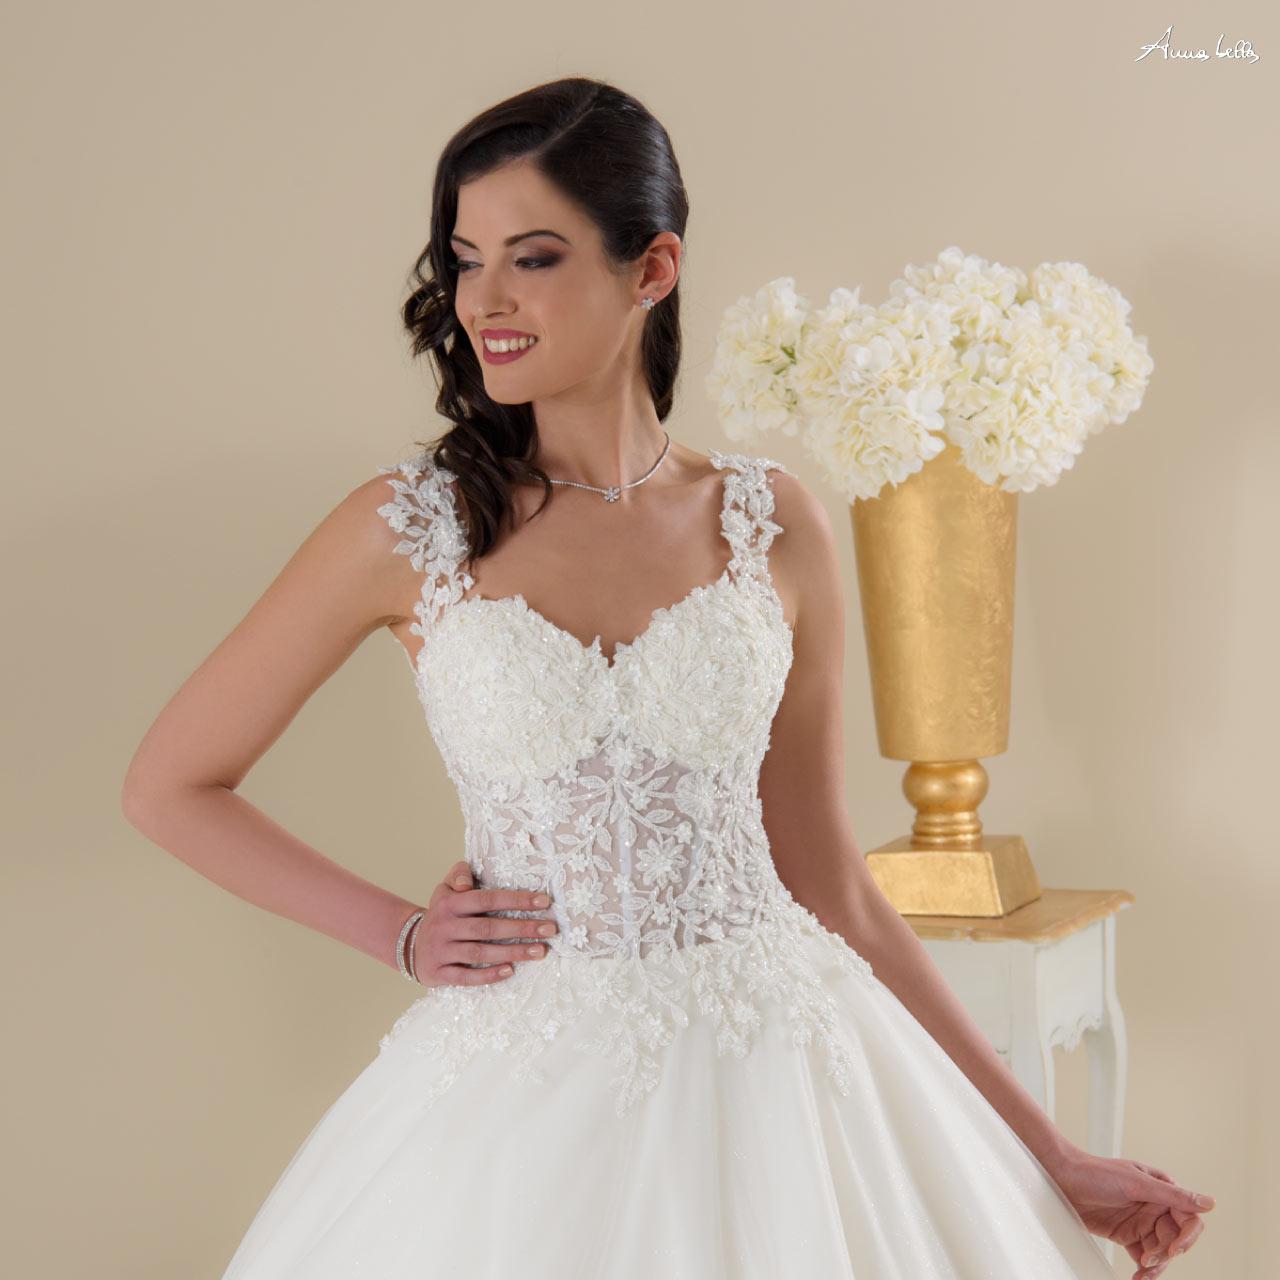 937c66e18755 Abiti da sposa 2019 Anna Bella da Boutique Velo